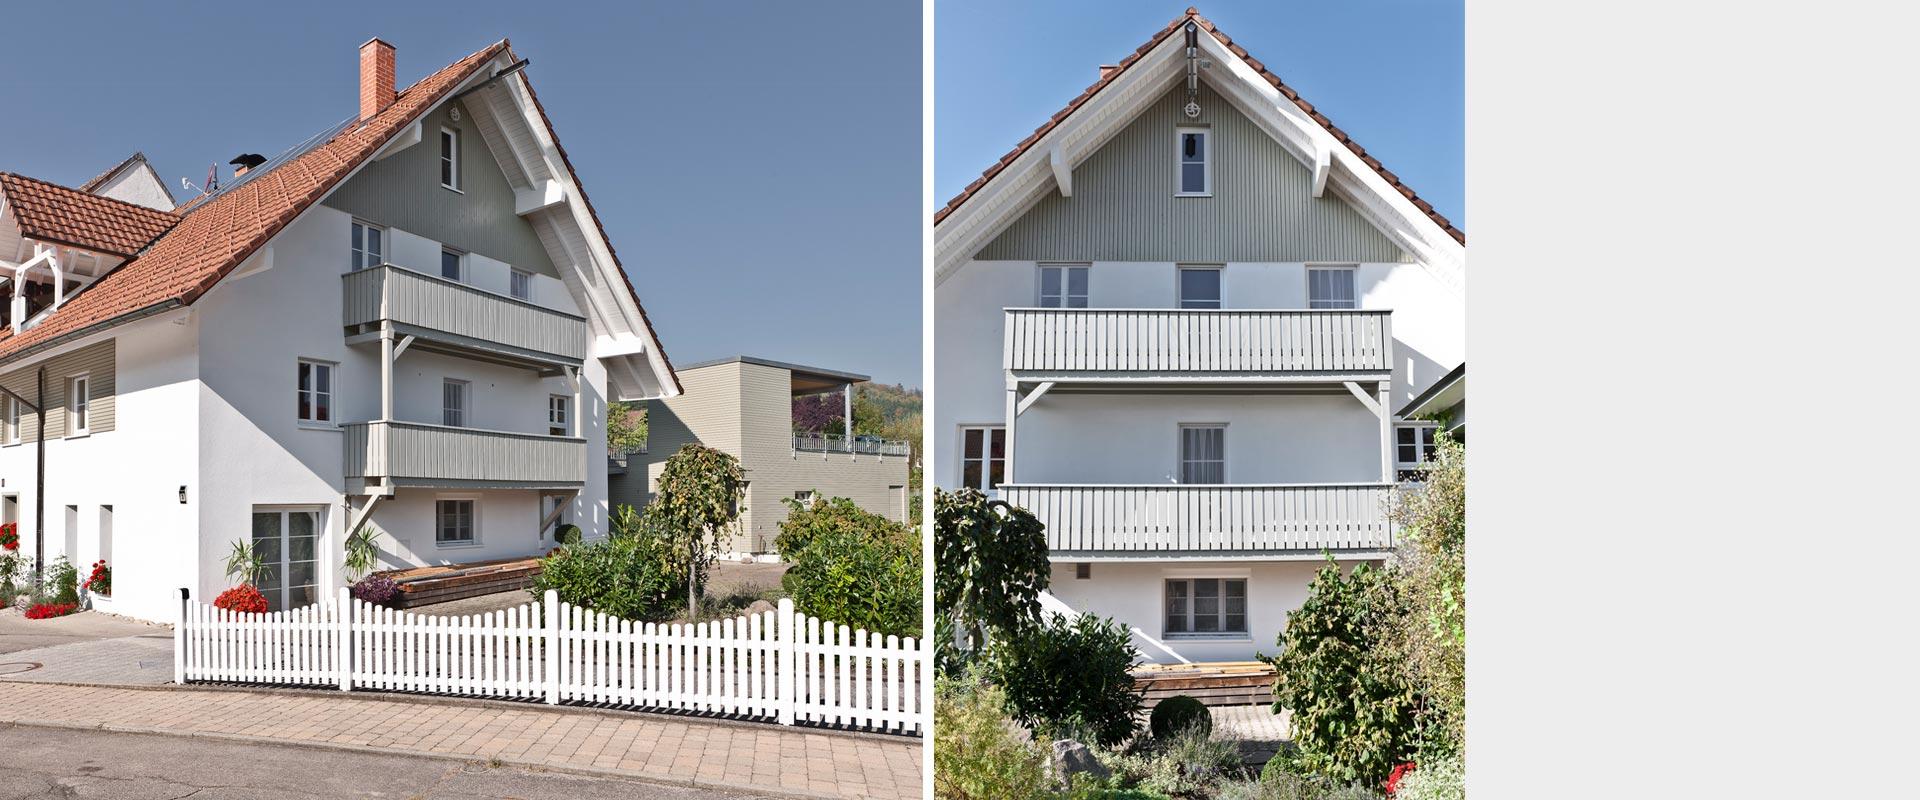 architekturbüro musahl Waldshut Mehrgenationenwohnen Dogern